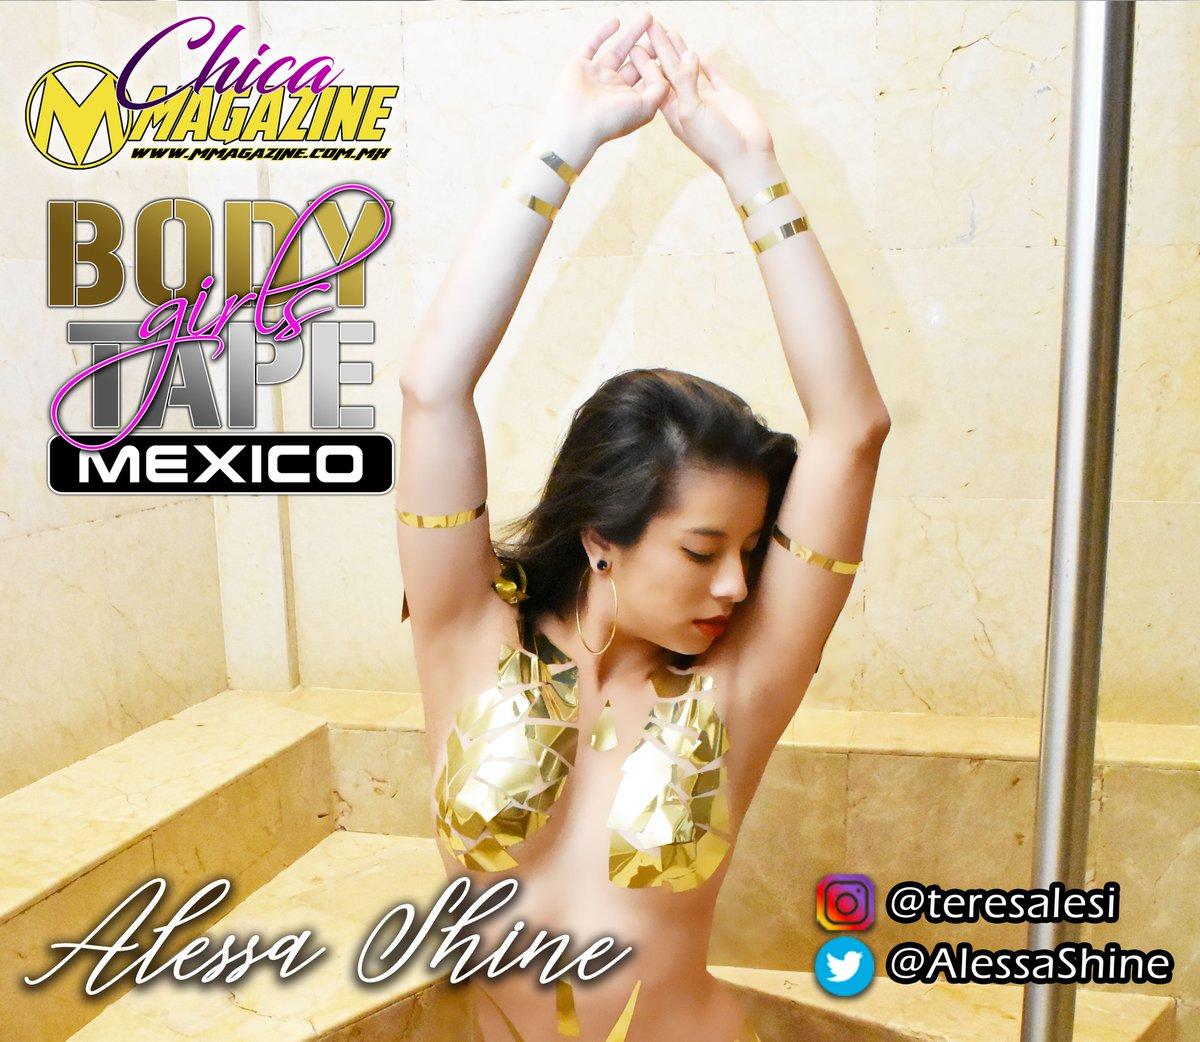 @AlessaShine  regresa en Julio con su belleza y talento...  #BodyTape #BodyTapeGirlsMéxico https://t.co/5SSw4rVKDp